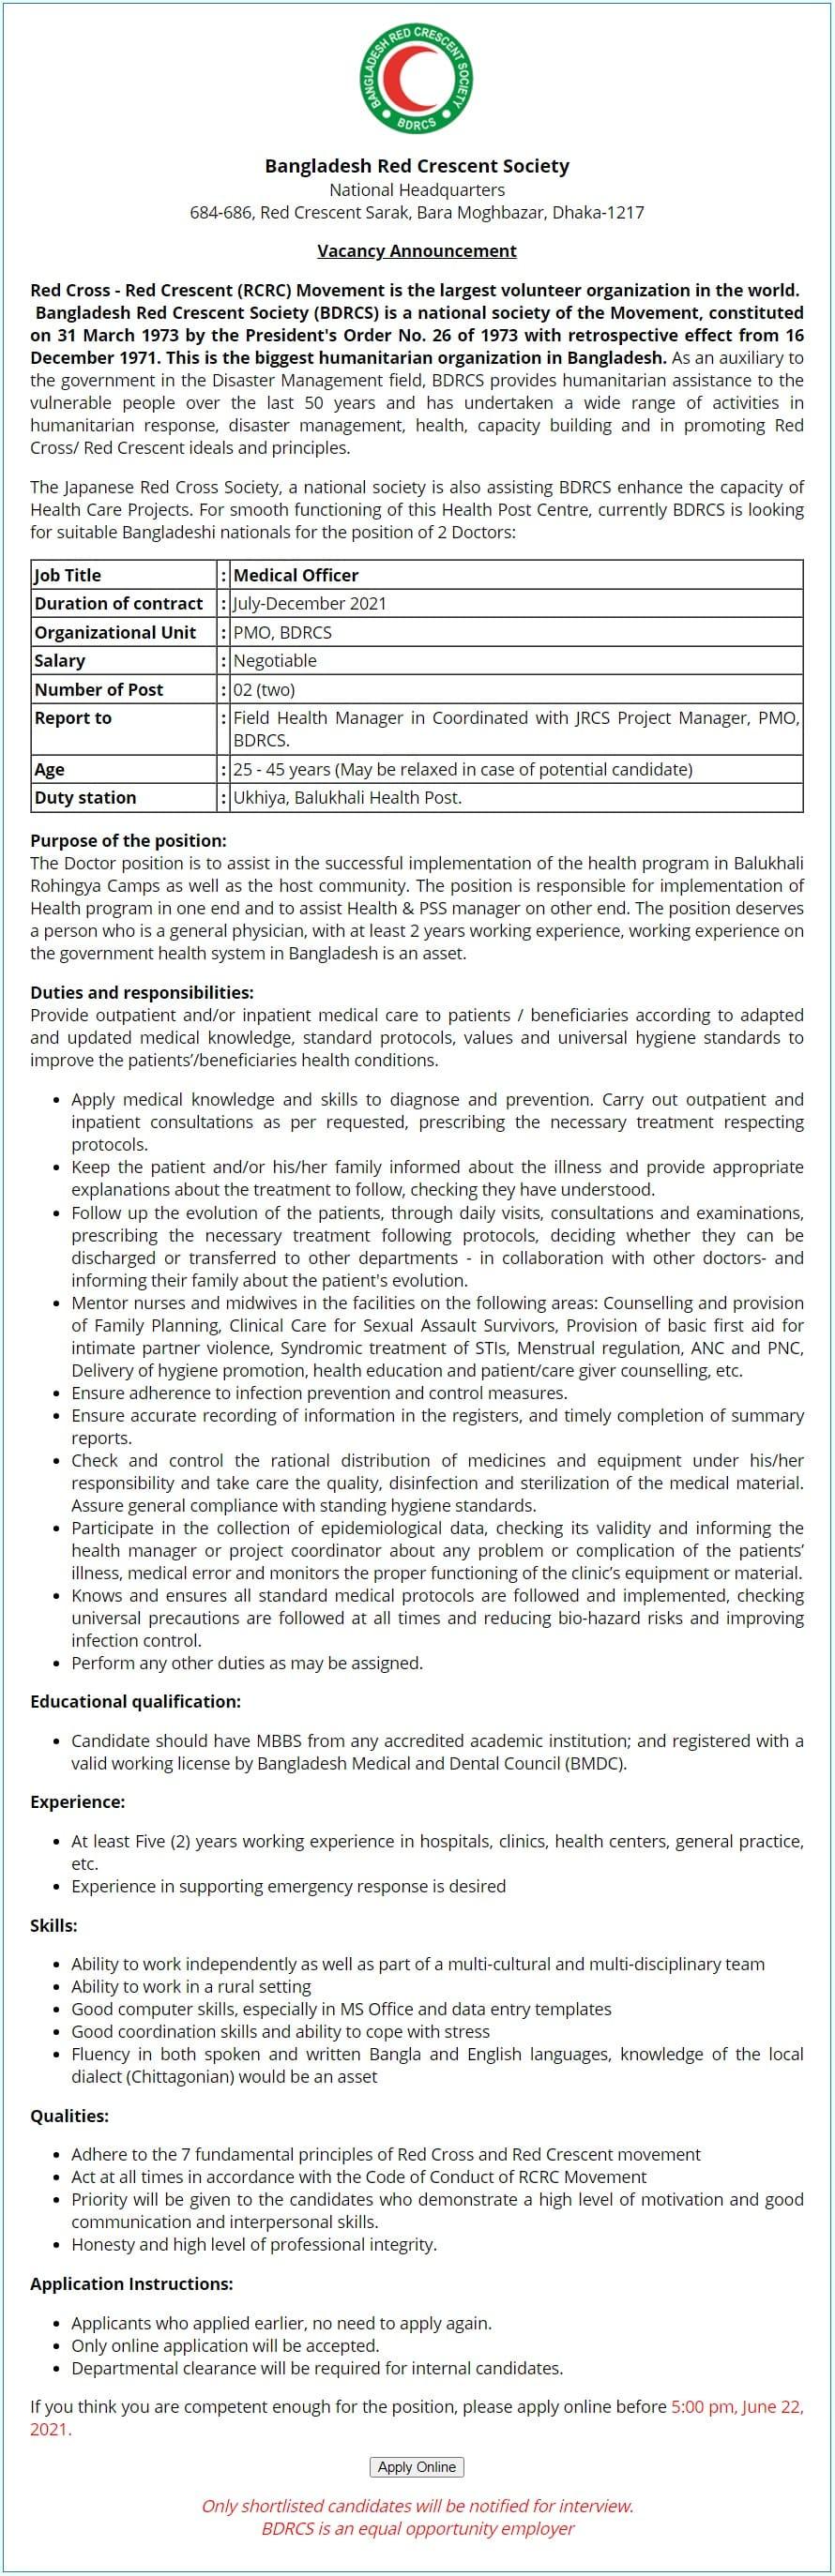 BDRCS Job Circular 2021